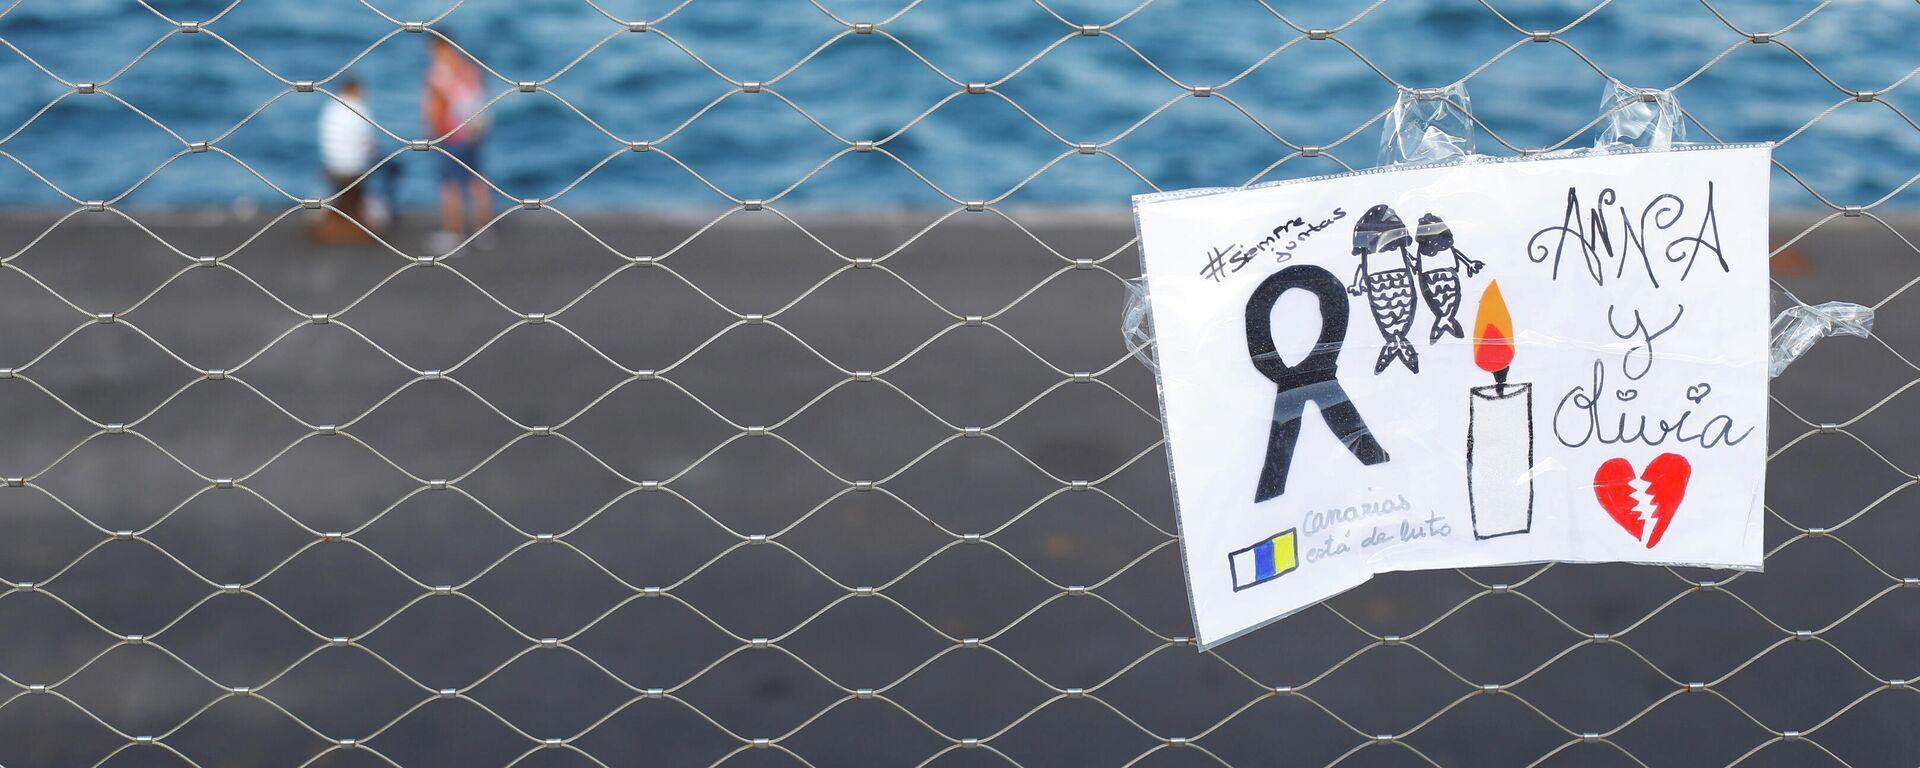 Un cartel colocado en una valla en memoria de las niñas desaparecidas en Tenerife, España - Sputnik Mundo, 1920, 14.06.2021